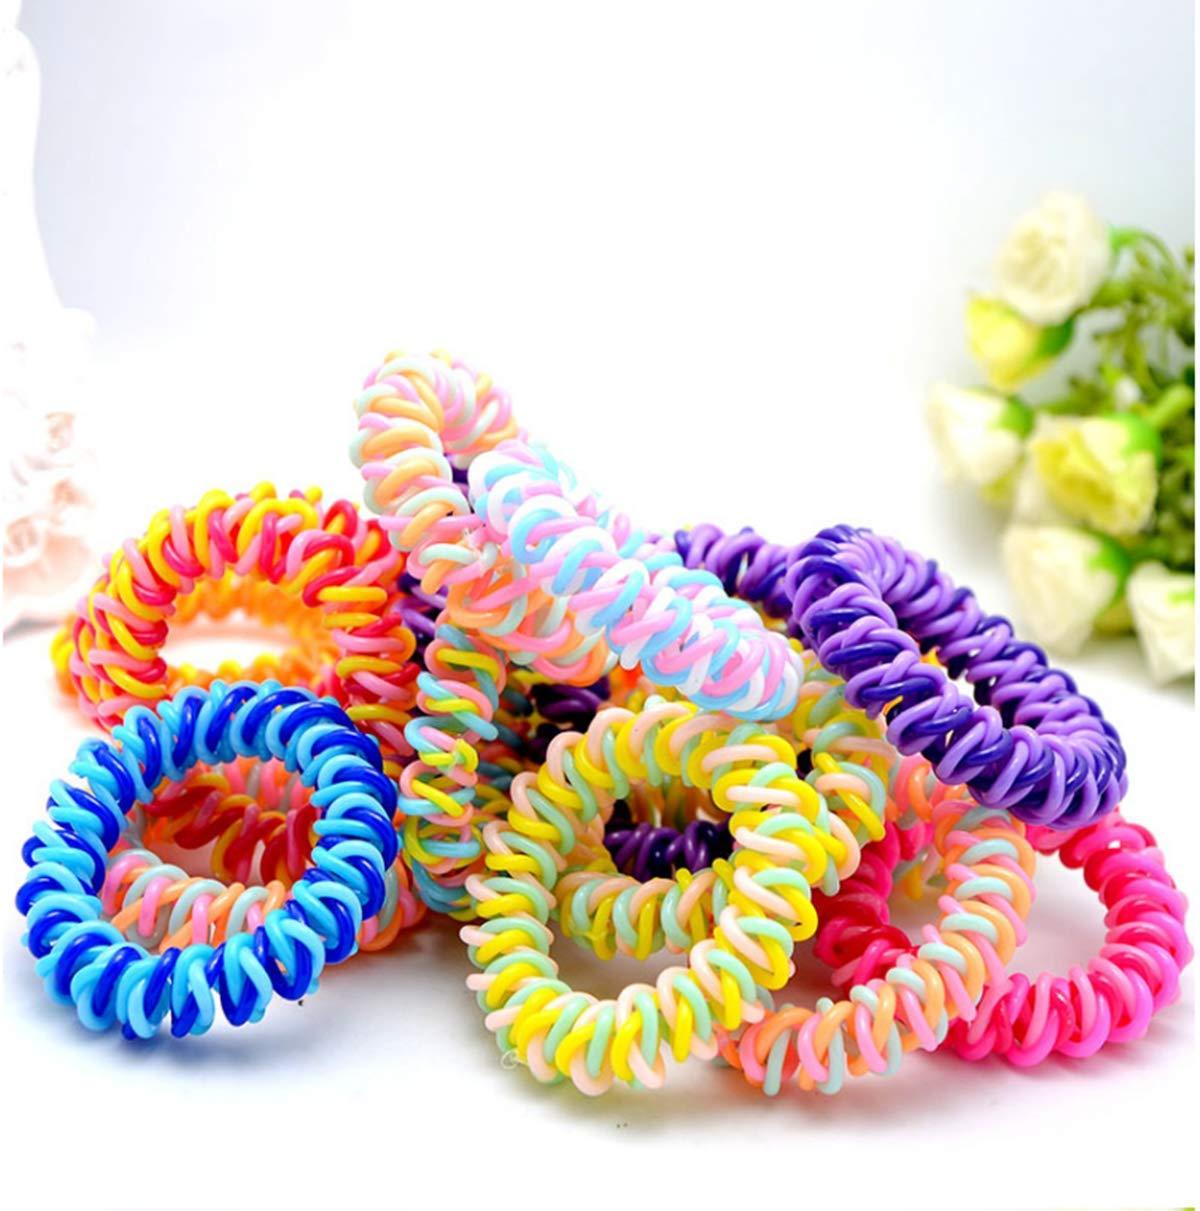 d3ecd8b5b793 20Pcs Spiral Hair Ties Plastic Elastics Hair Ties No Crease Coil Hair Ties  telephone cord hair